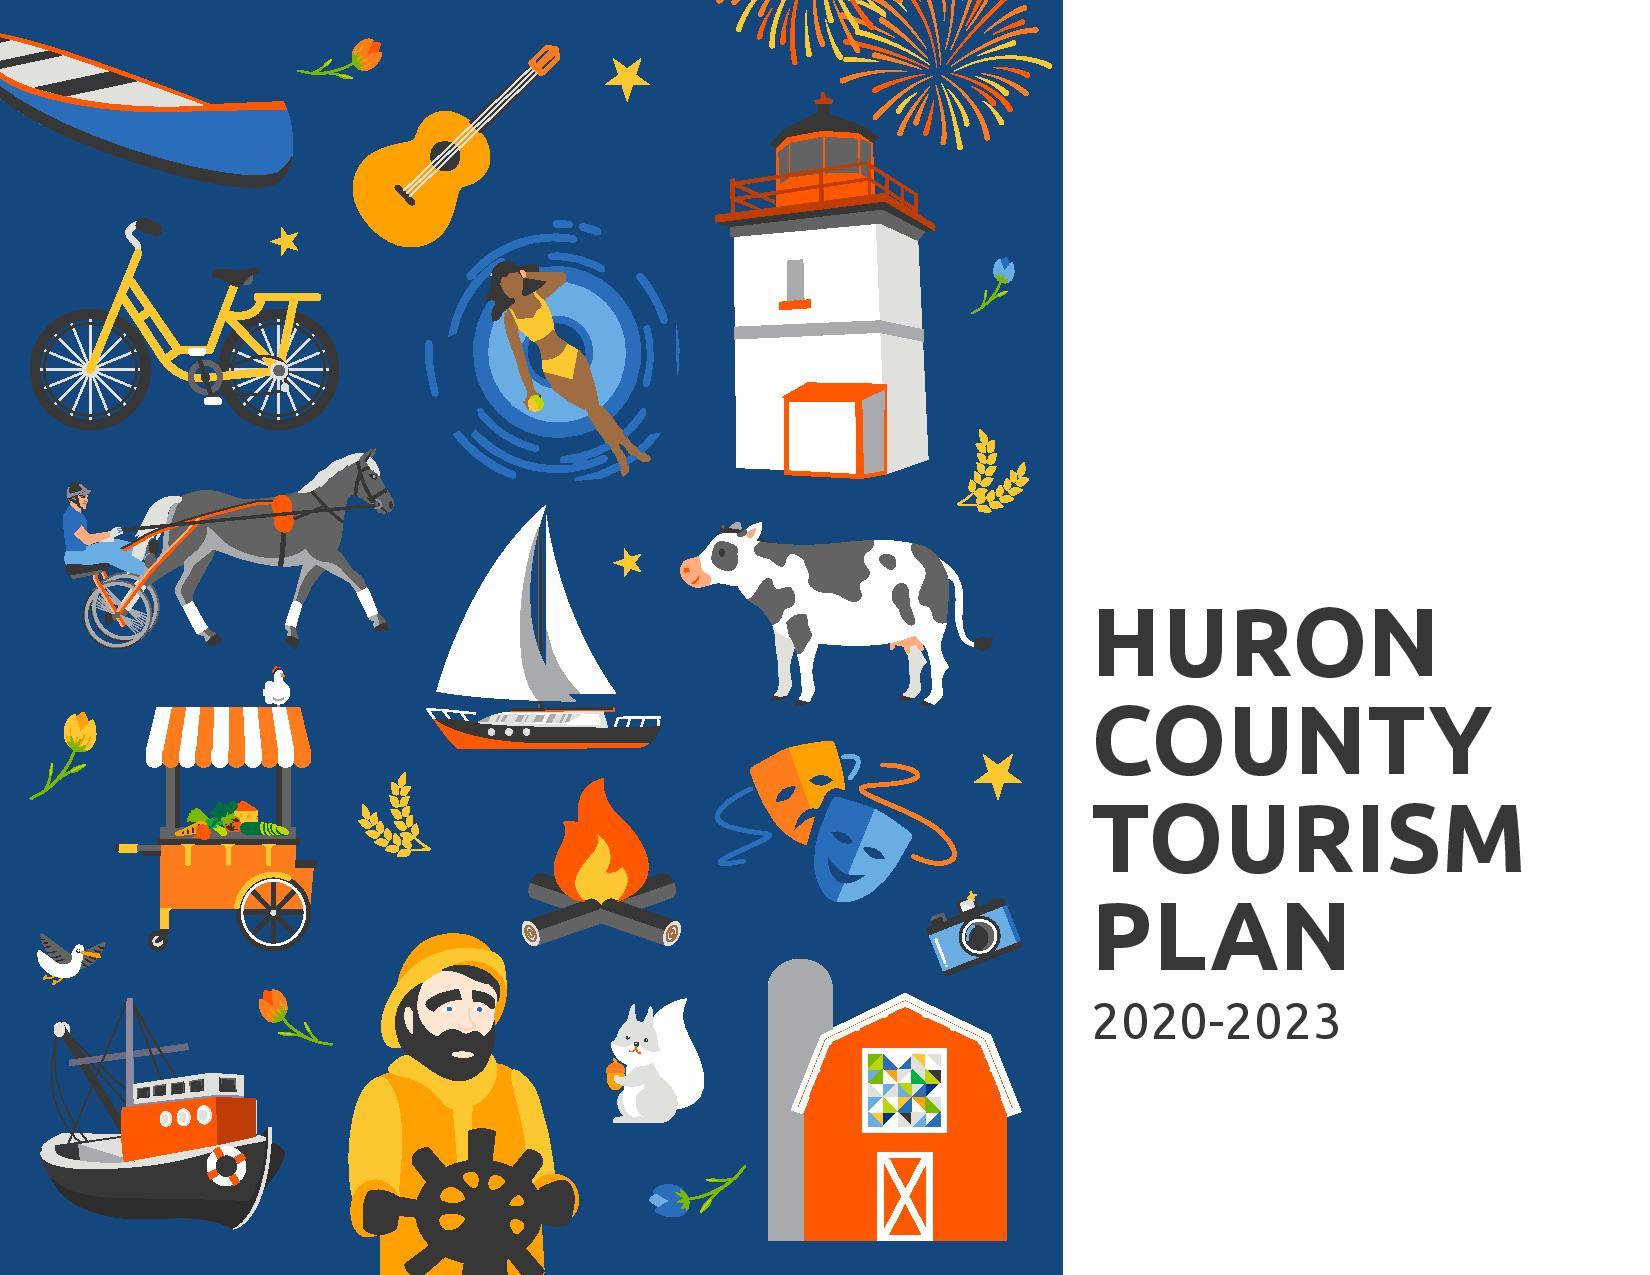 Huron County Tourism Plan, 2020-2023